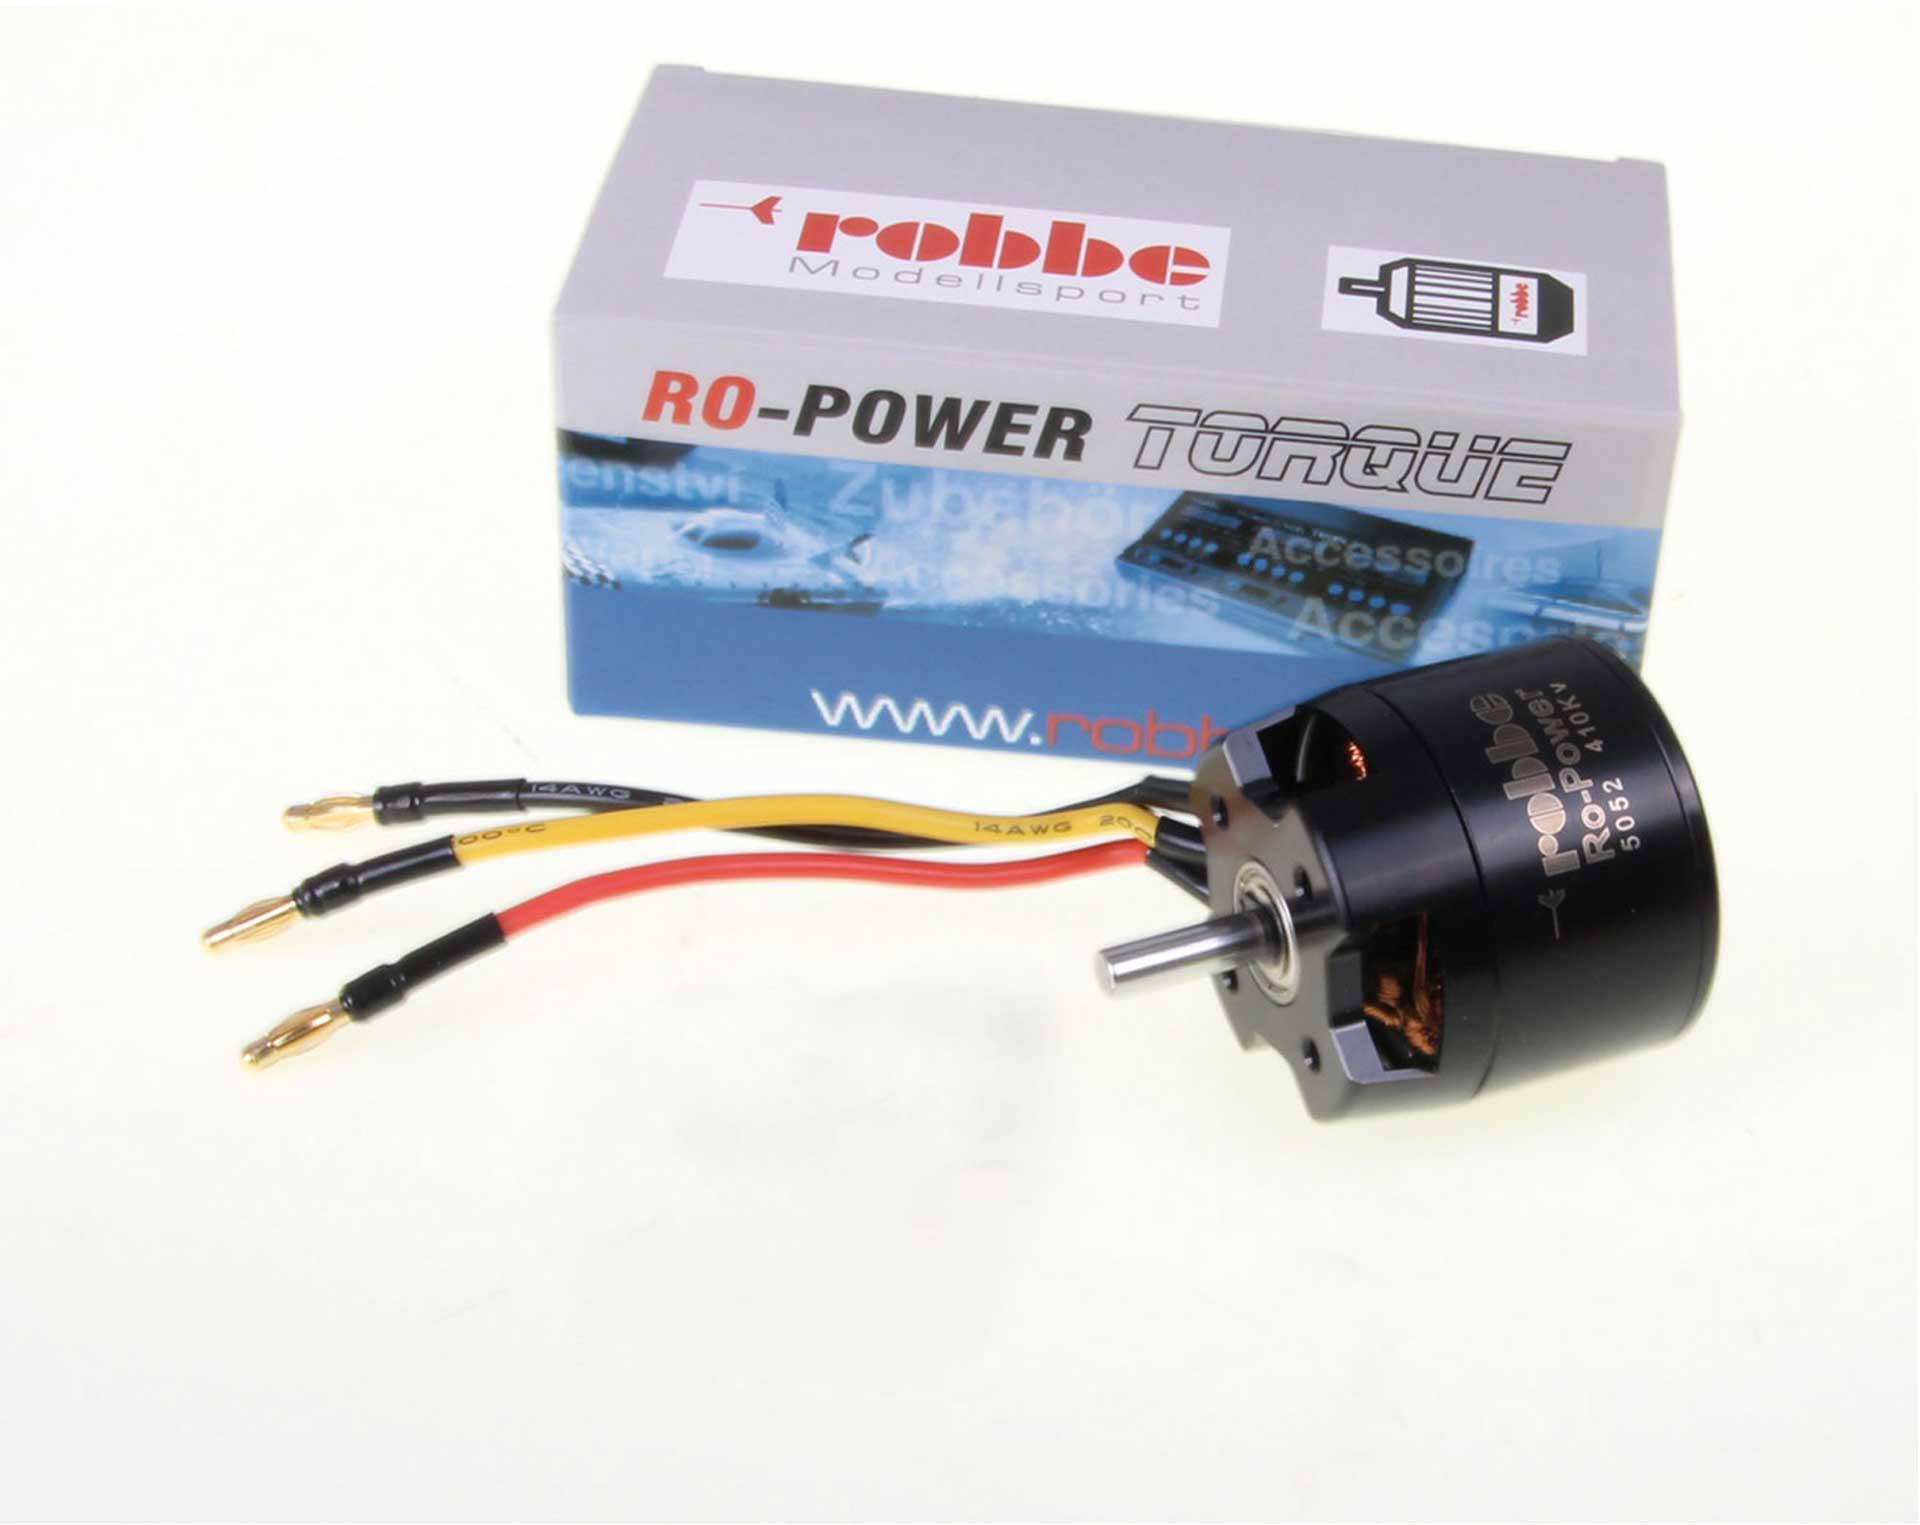 ROBBE RO-POWER TORQUE 5052 410 K/V BRUSHLESS